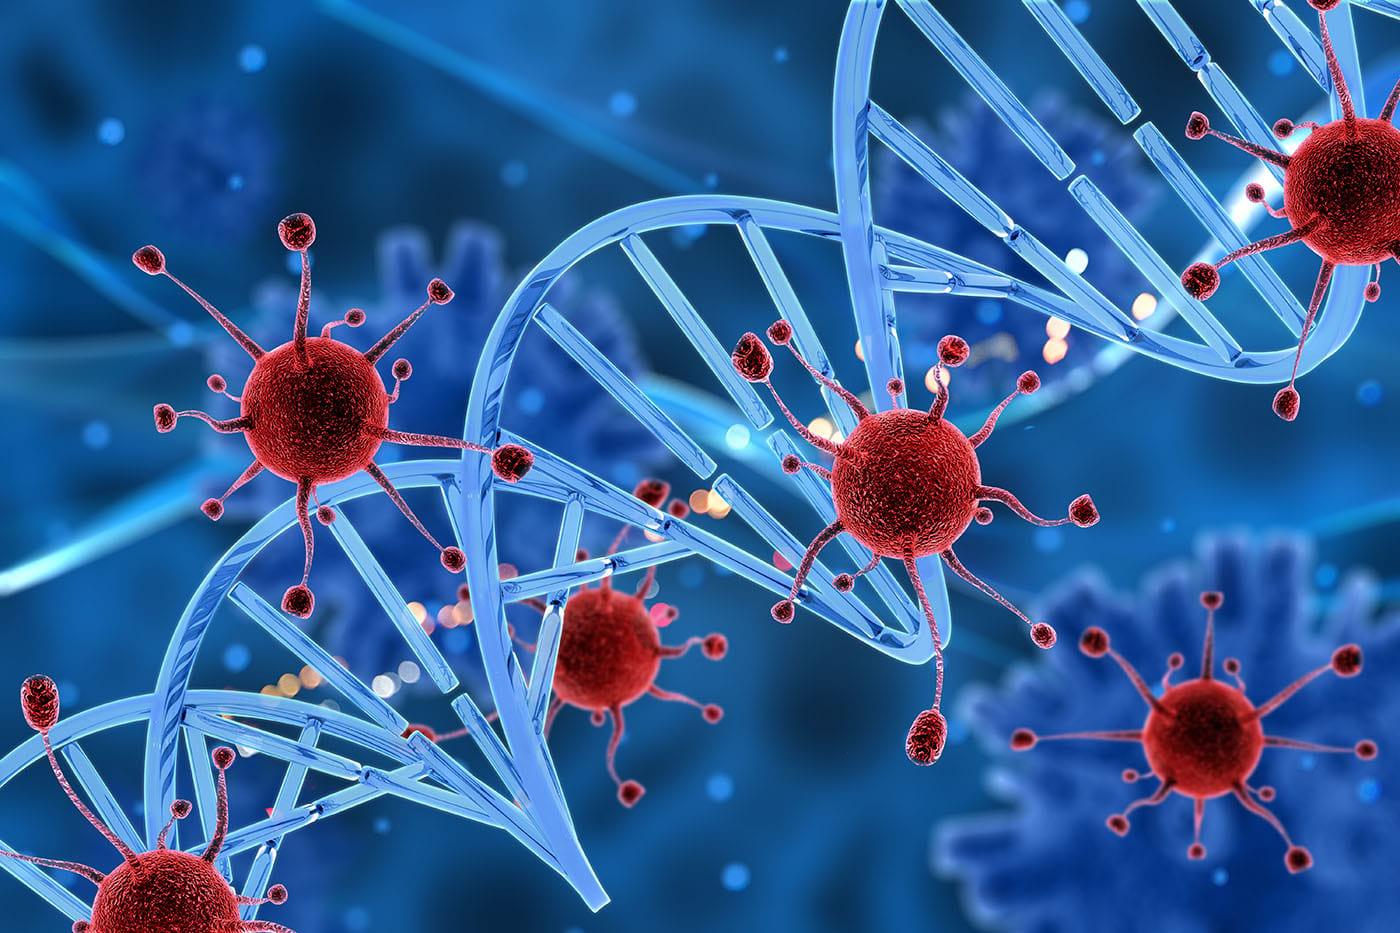 Apariția cancerului: cum produc toxinele mutații în celule [studiu]